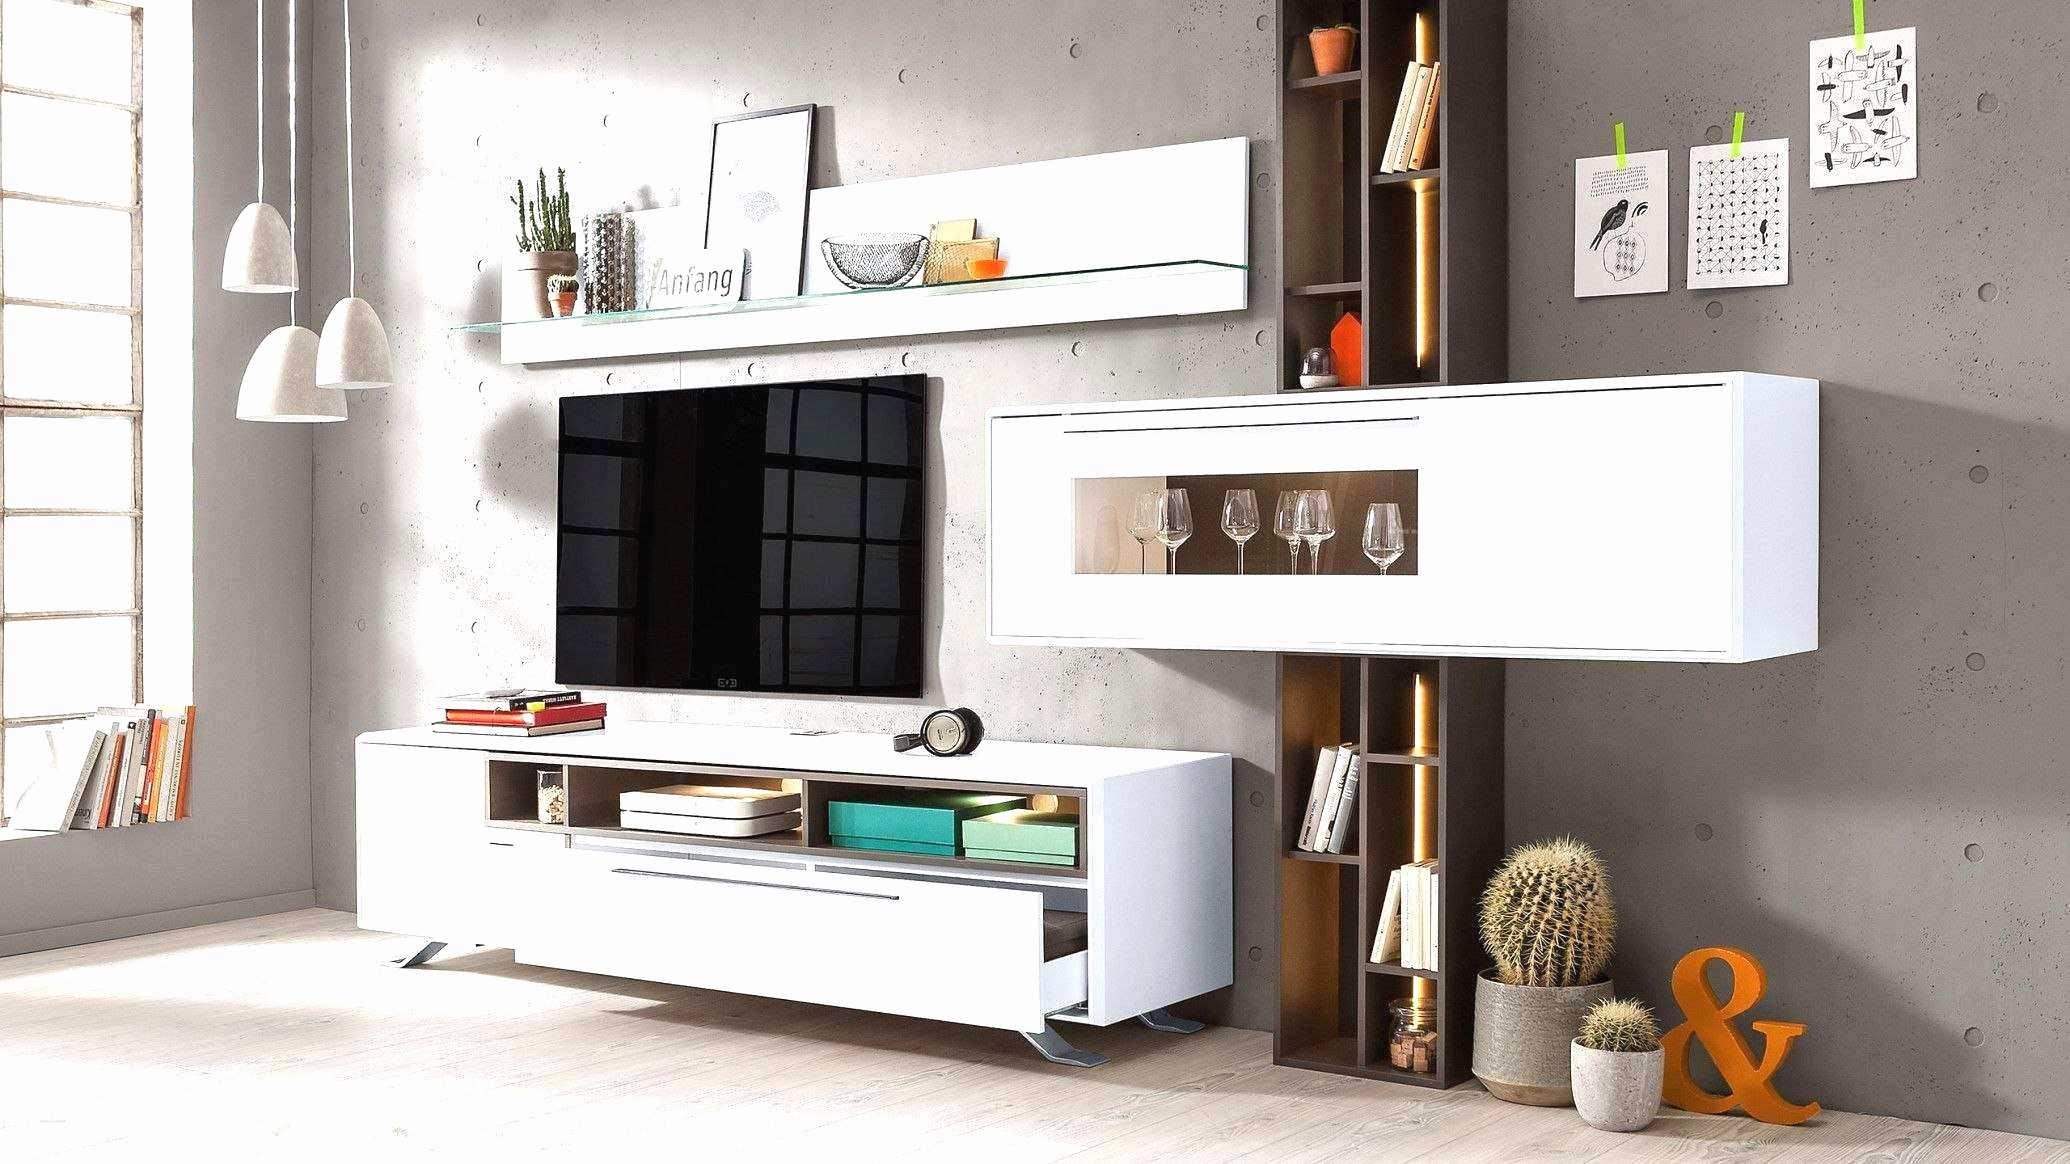 deko ideen selbermachen wohnzimmer planen von wanddeko wohnzimmer selber machen of wanddeko wohnzimmer selber machen